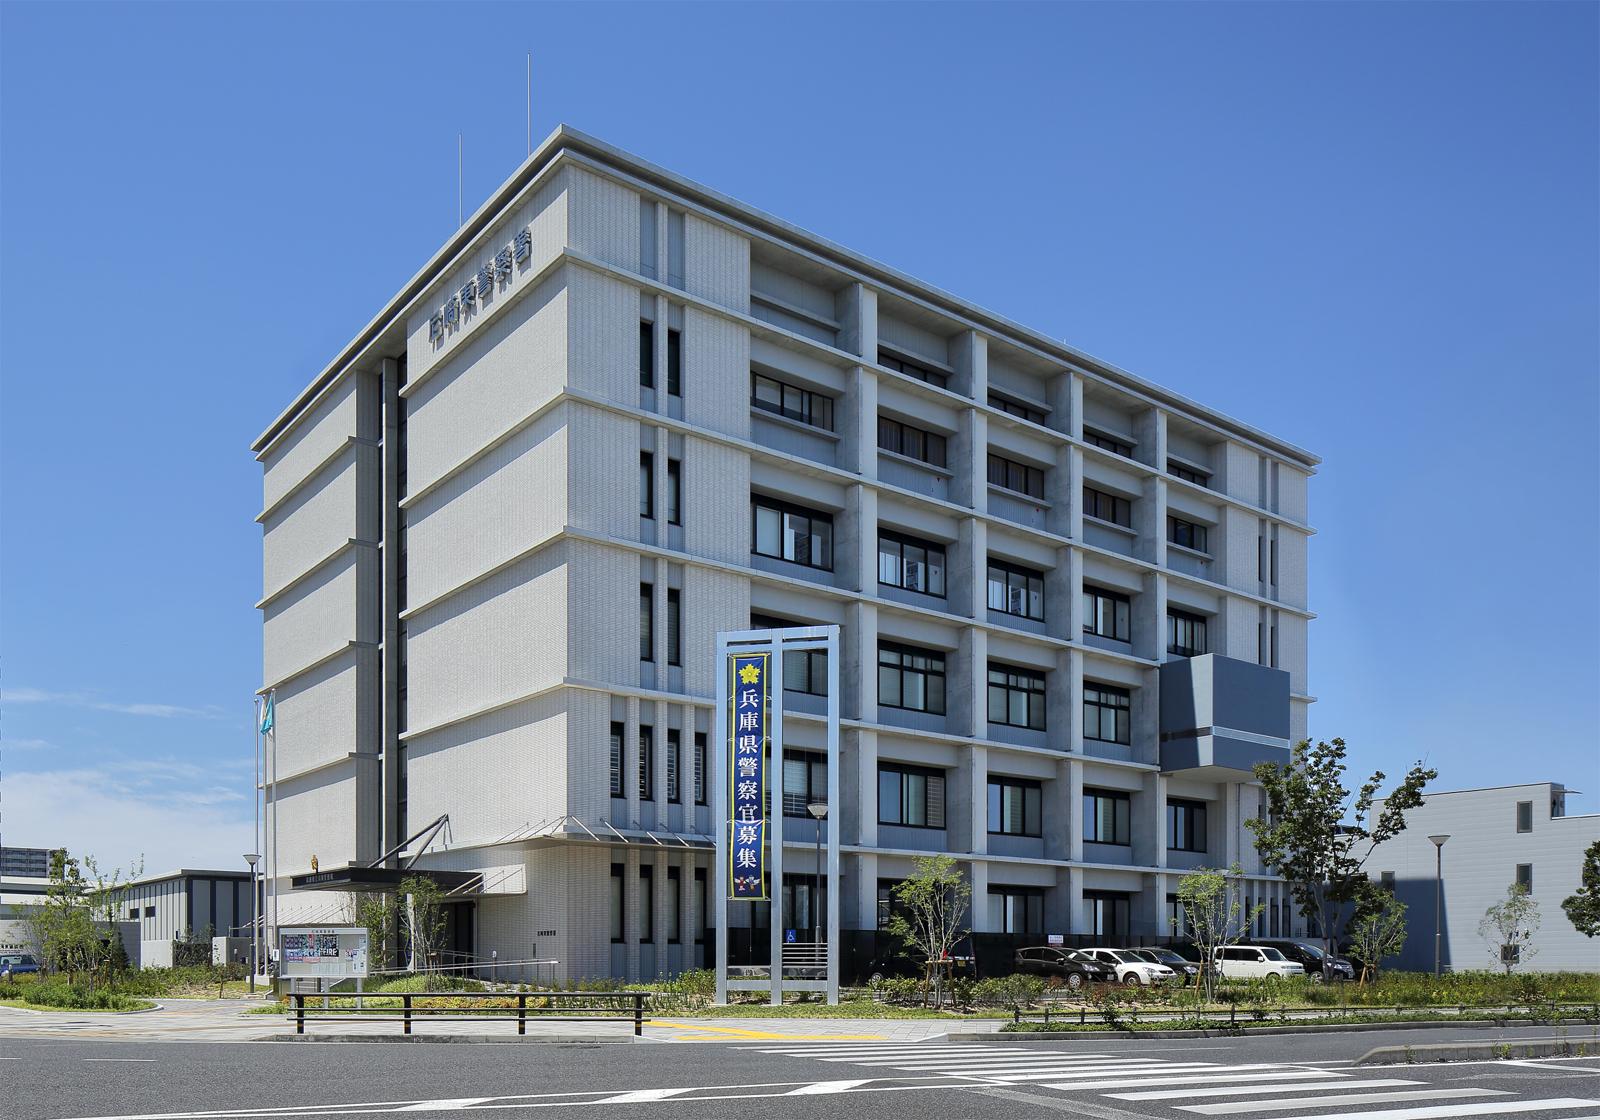 兵庫県警察 尼崎東警察署